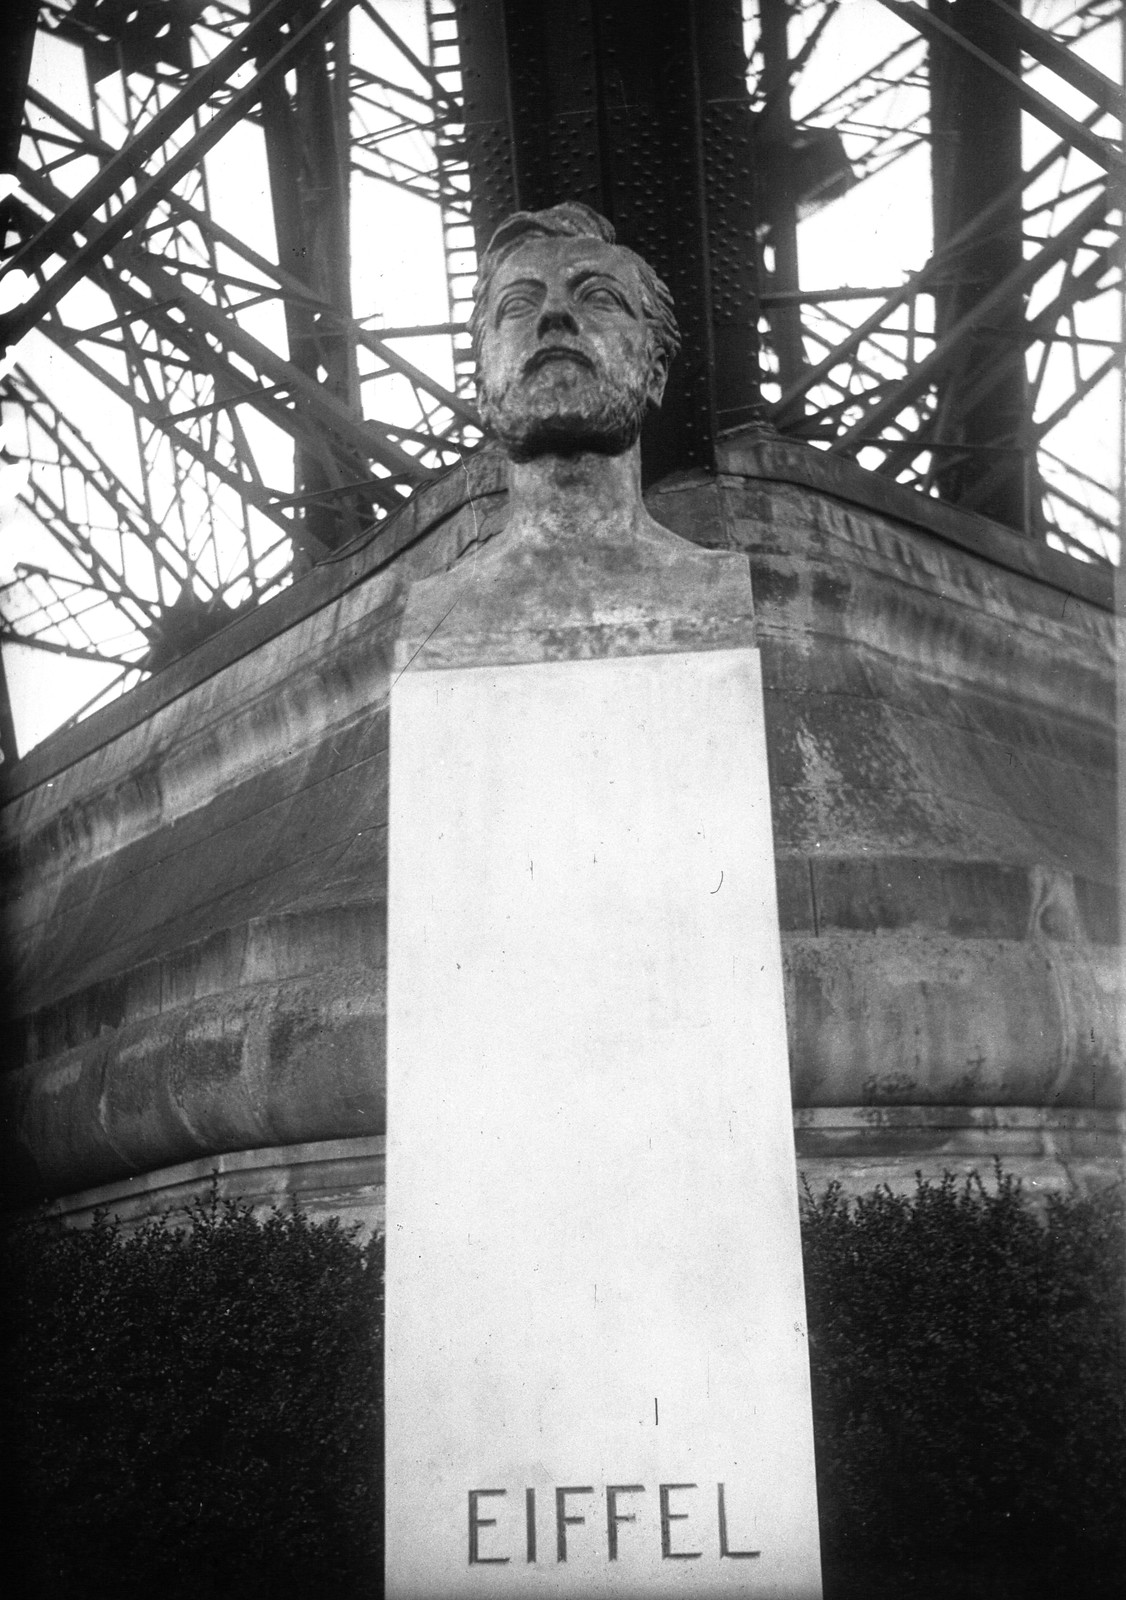 1929. Торжественное открытие статуи Эйфеля у основания башни1